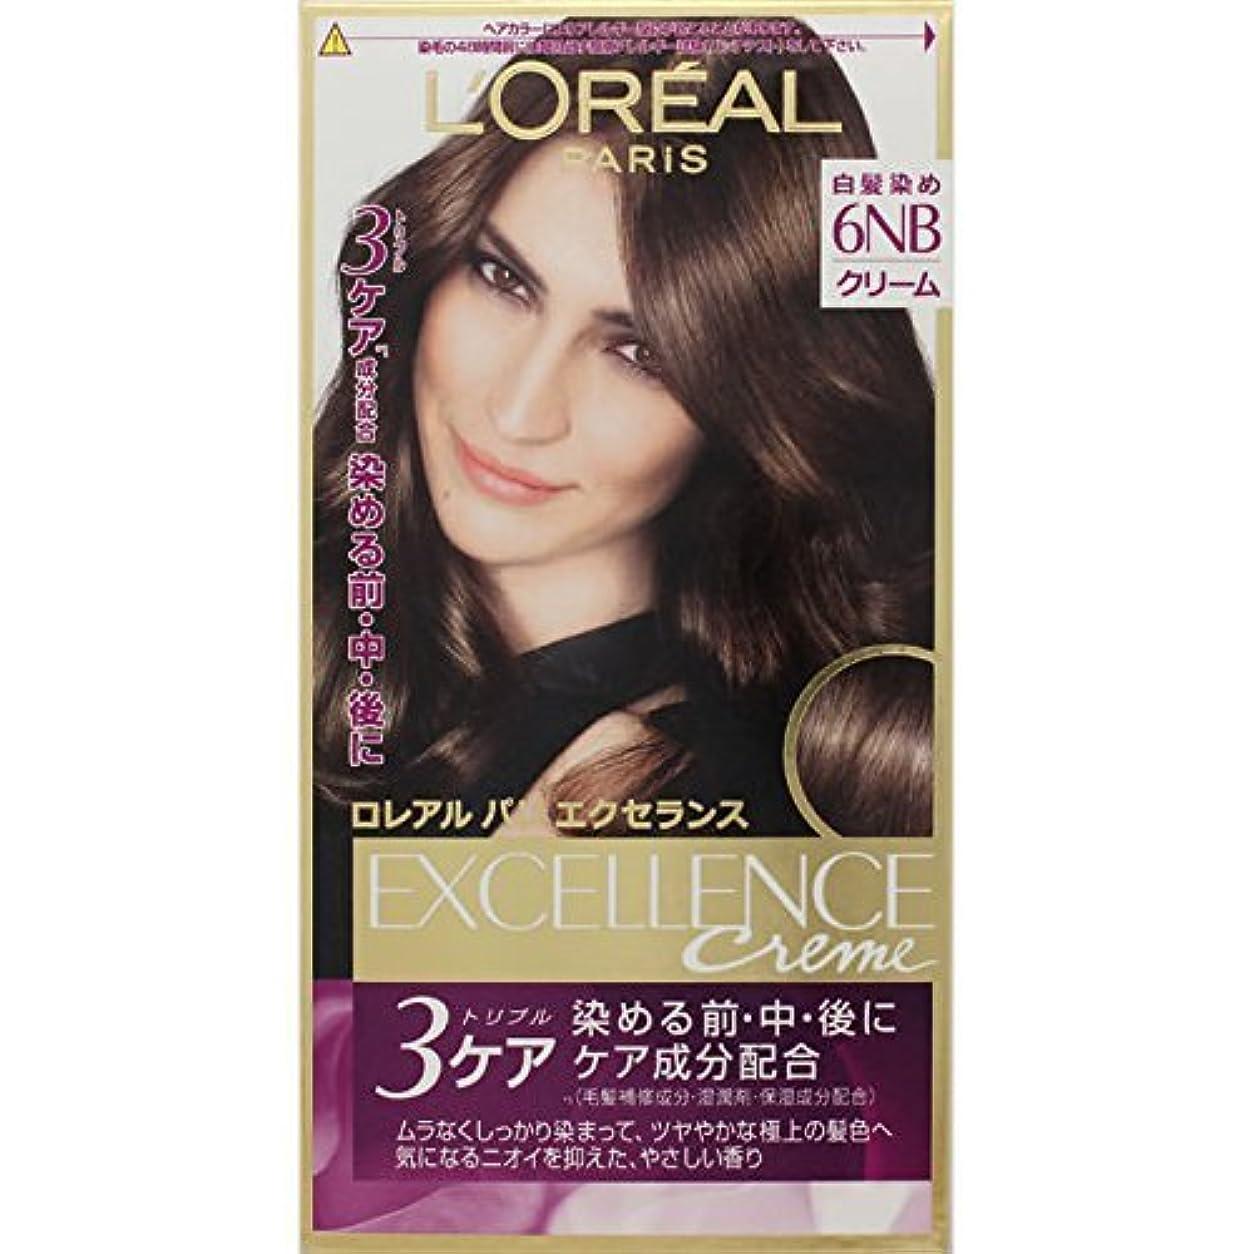 行く非公式ハングロレアル パリ ヘアカラー 白髪染め エクセランス N クリームタイプ 6NB やや明るい自然な栗色